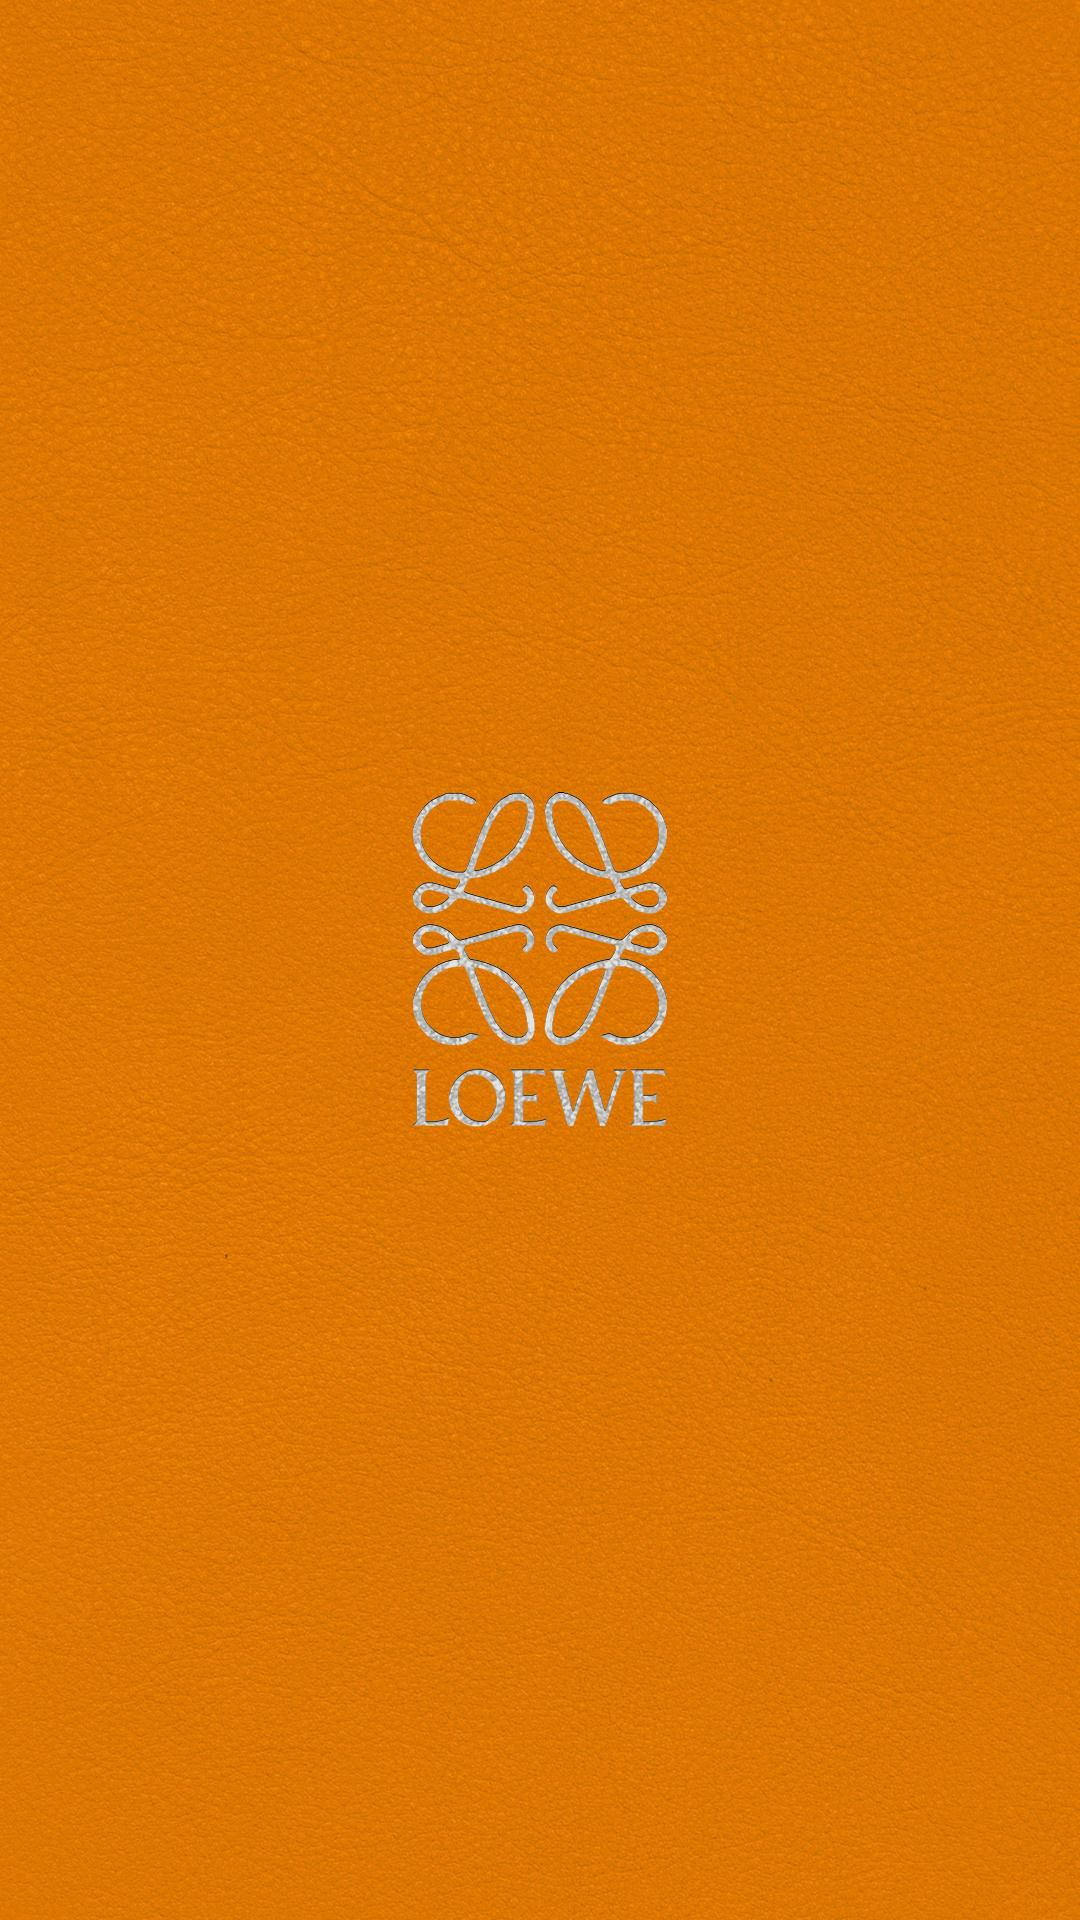 loewe07